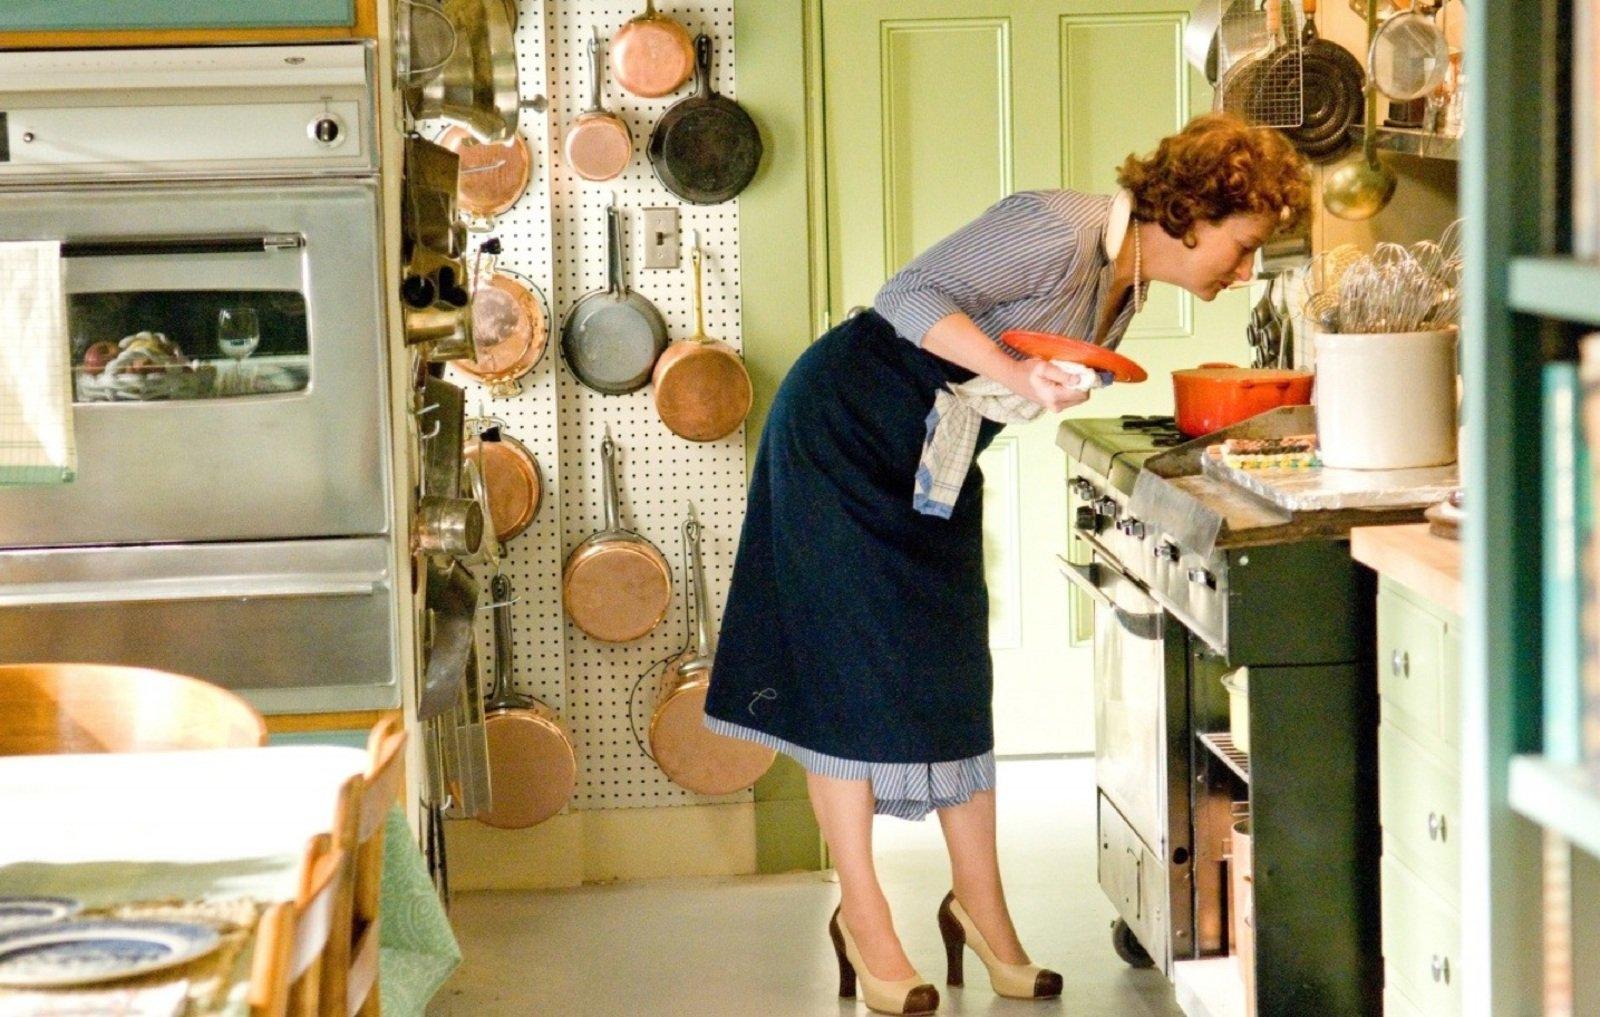 Картинки на кухню смешные, прикольные про барби